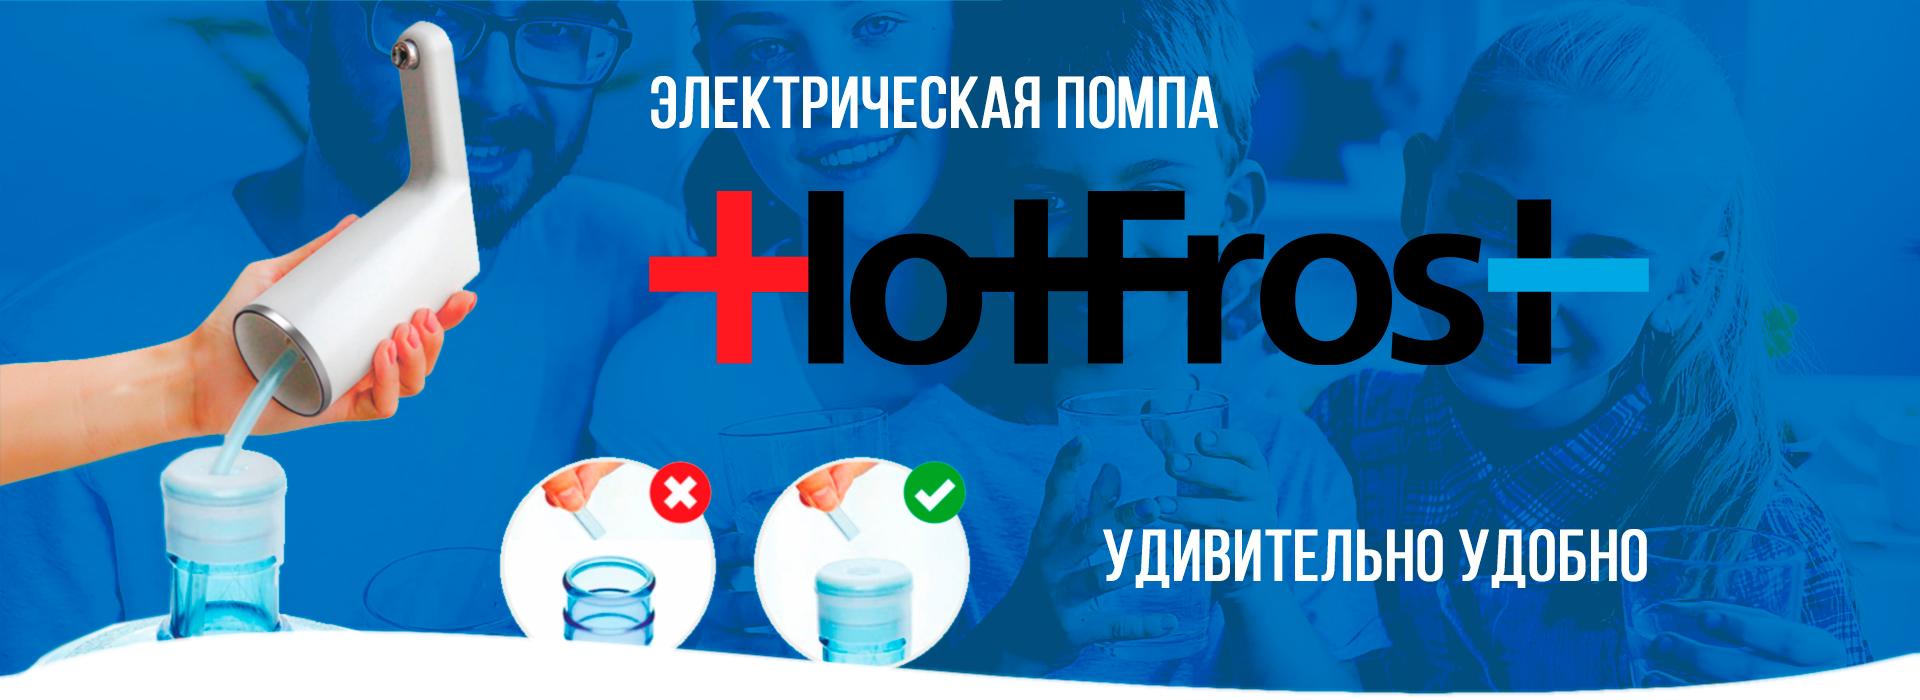 Электрическая помпа HotFrost